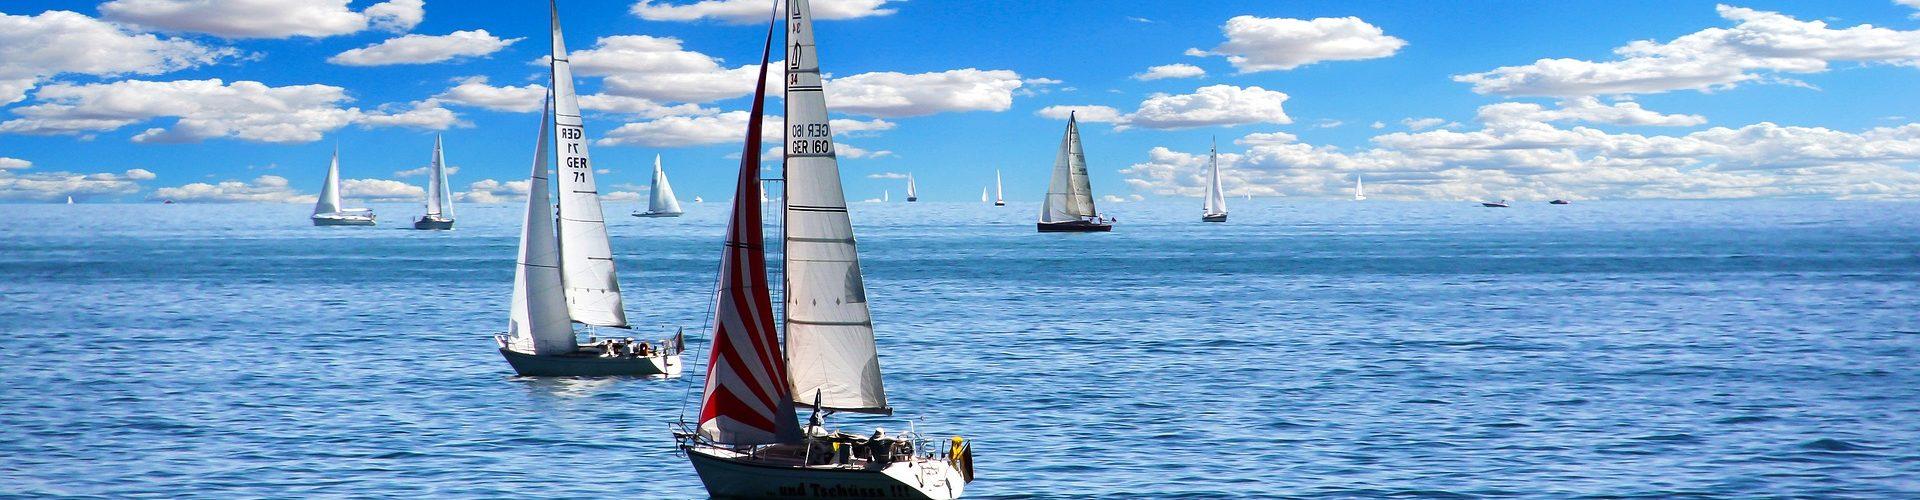 segeln lernen in Sankt Leon Rot segelschein machen in Sankt Leon Rot 1920x500 - Segeln lernen in Sankt Leon-Rot